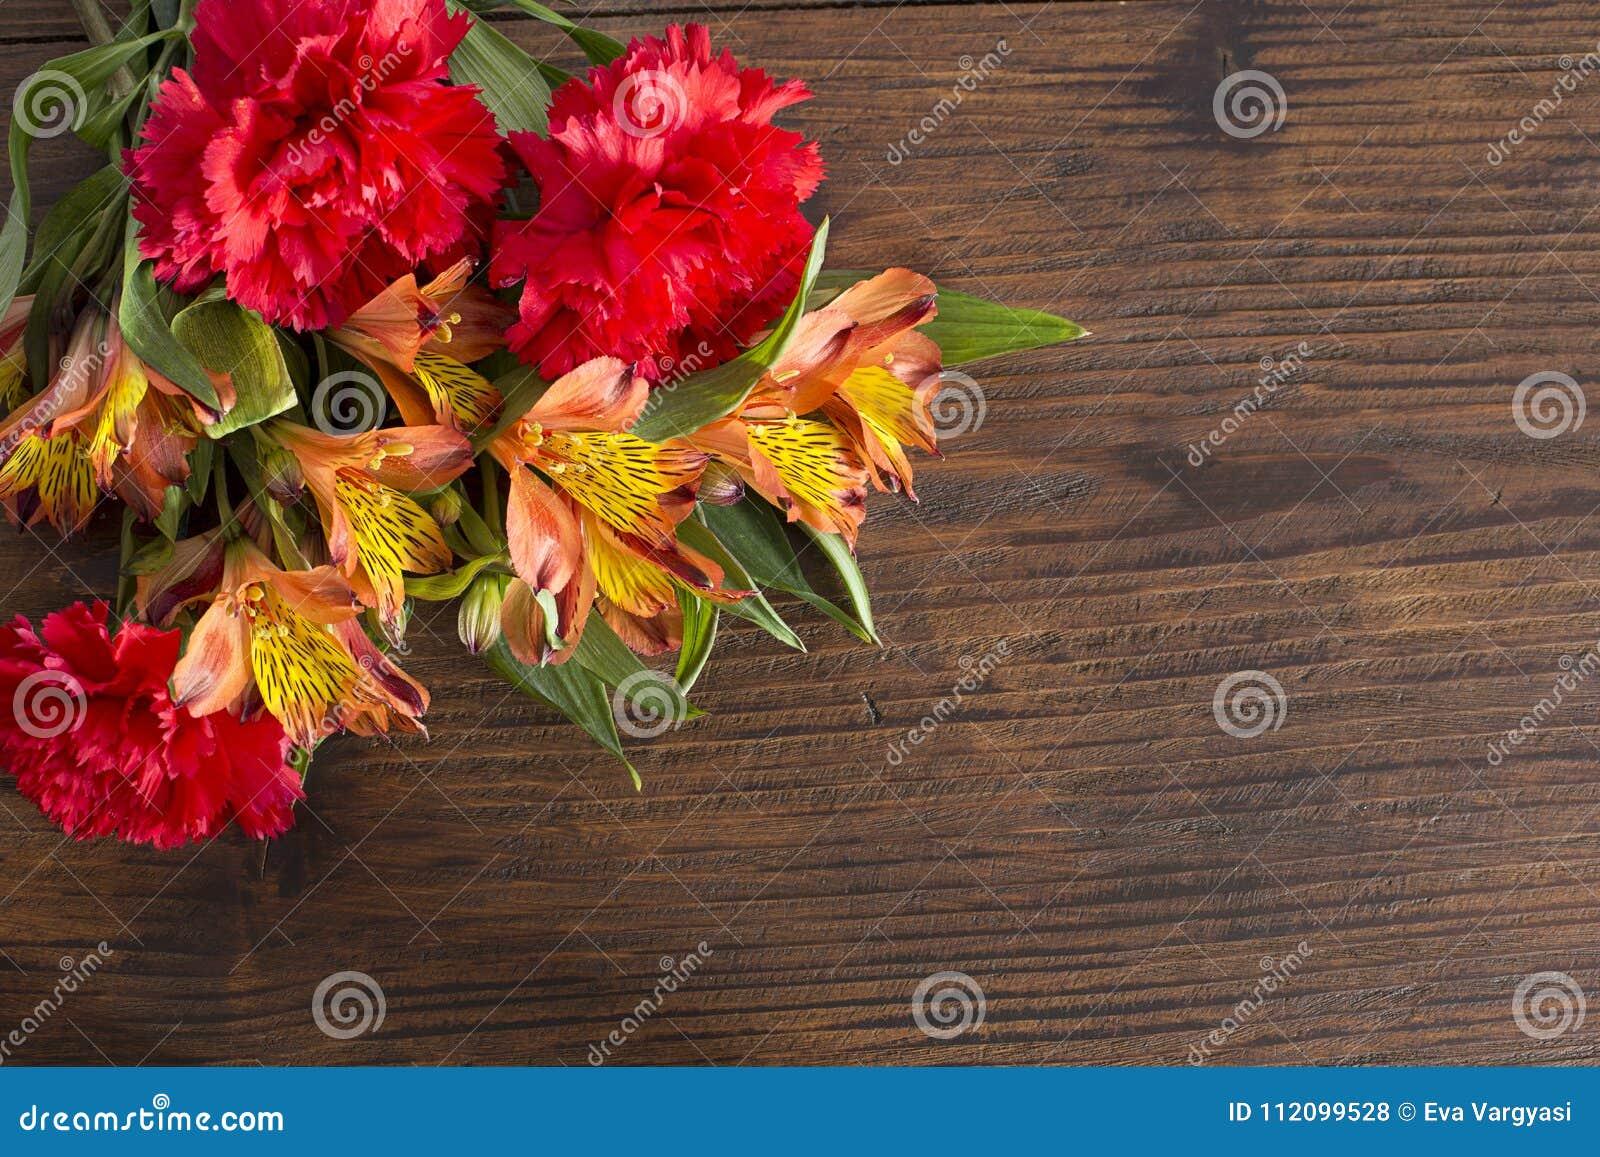 Blume bouqet